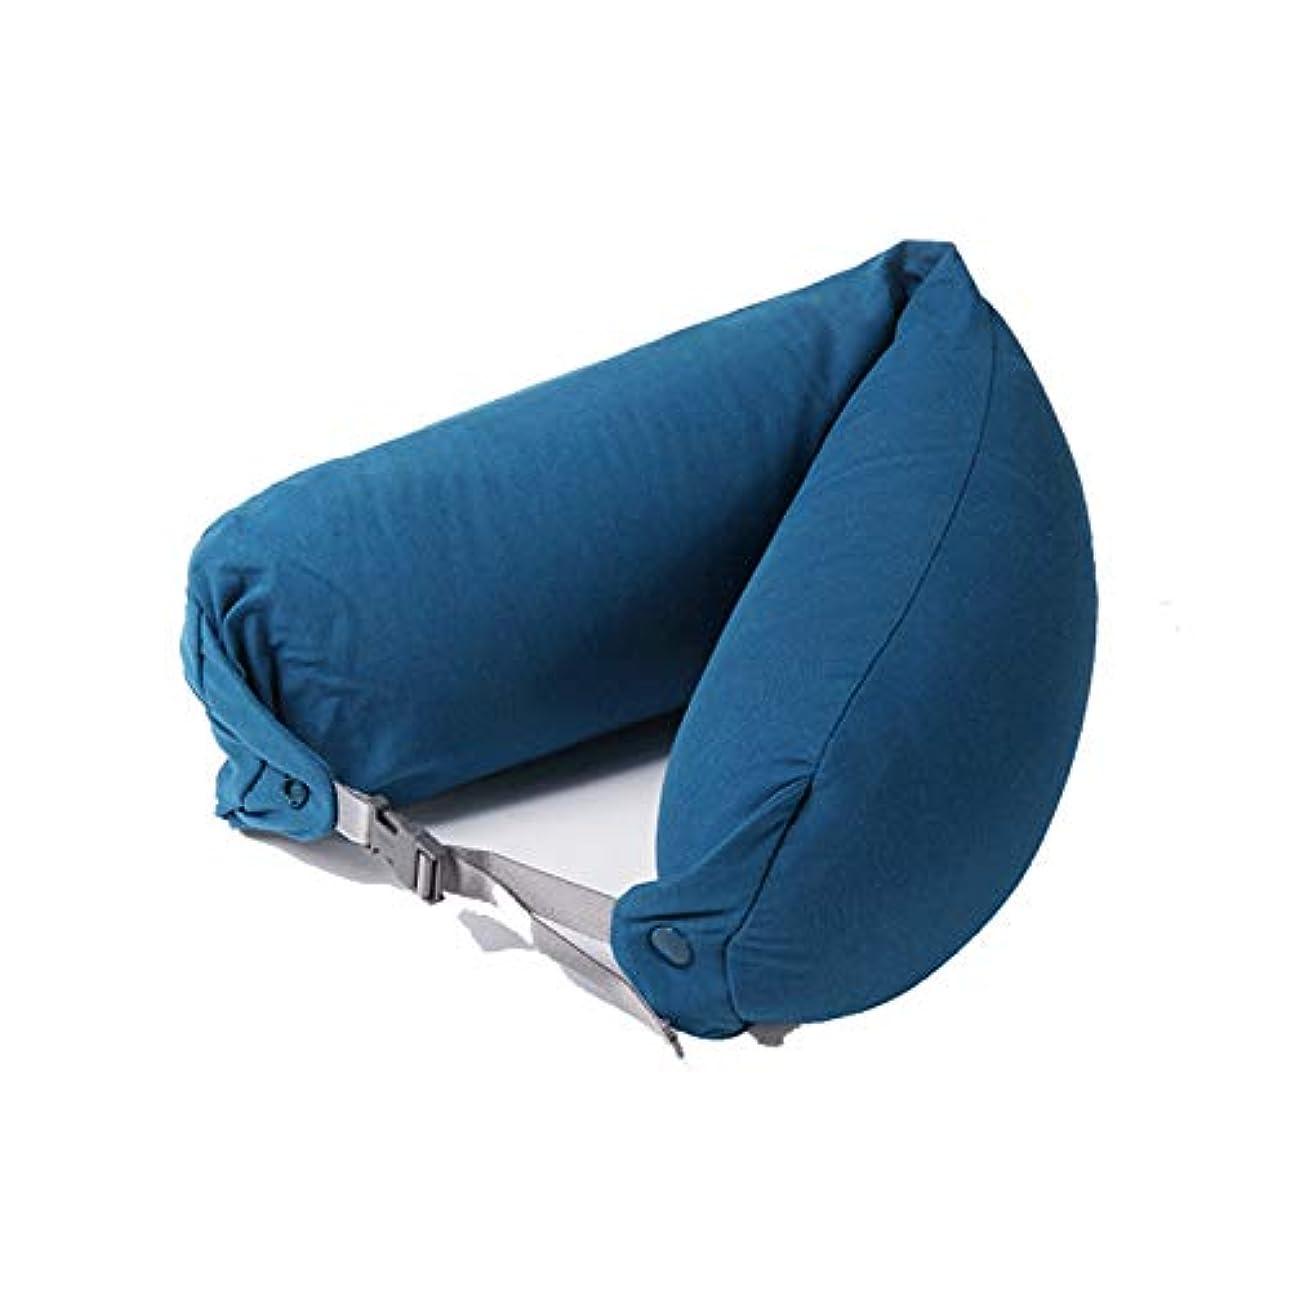 抑圧中世の仕事SMART ホームオフィス背もたれ椅子腰椎クッションカーシートネック枕 3D 低反発サポートバックマッサージウエストレスリビング枕 クッション 椅子